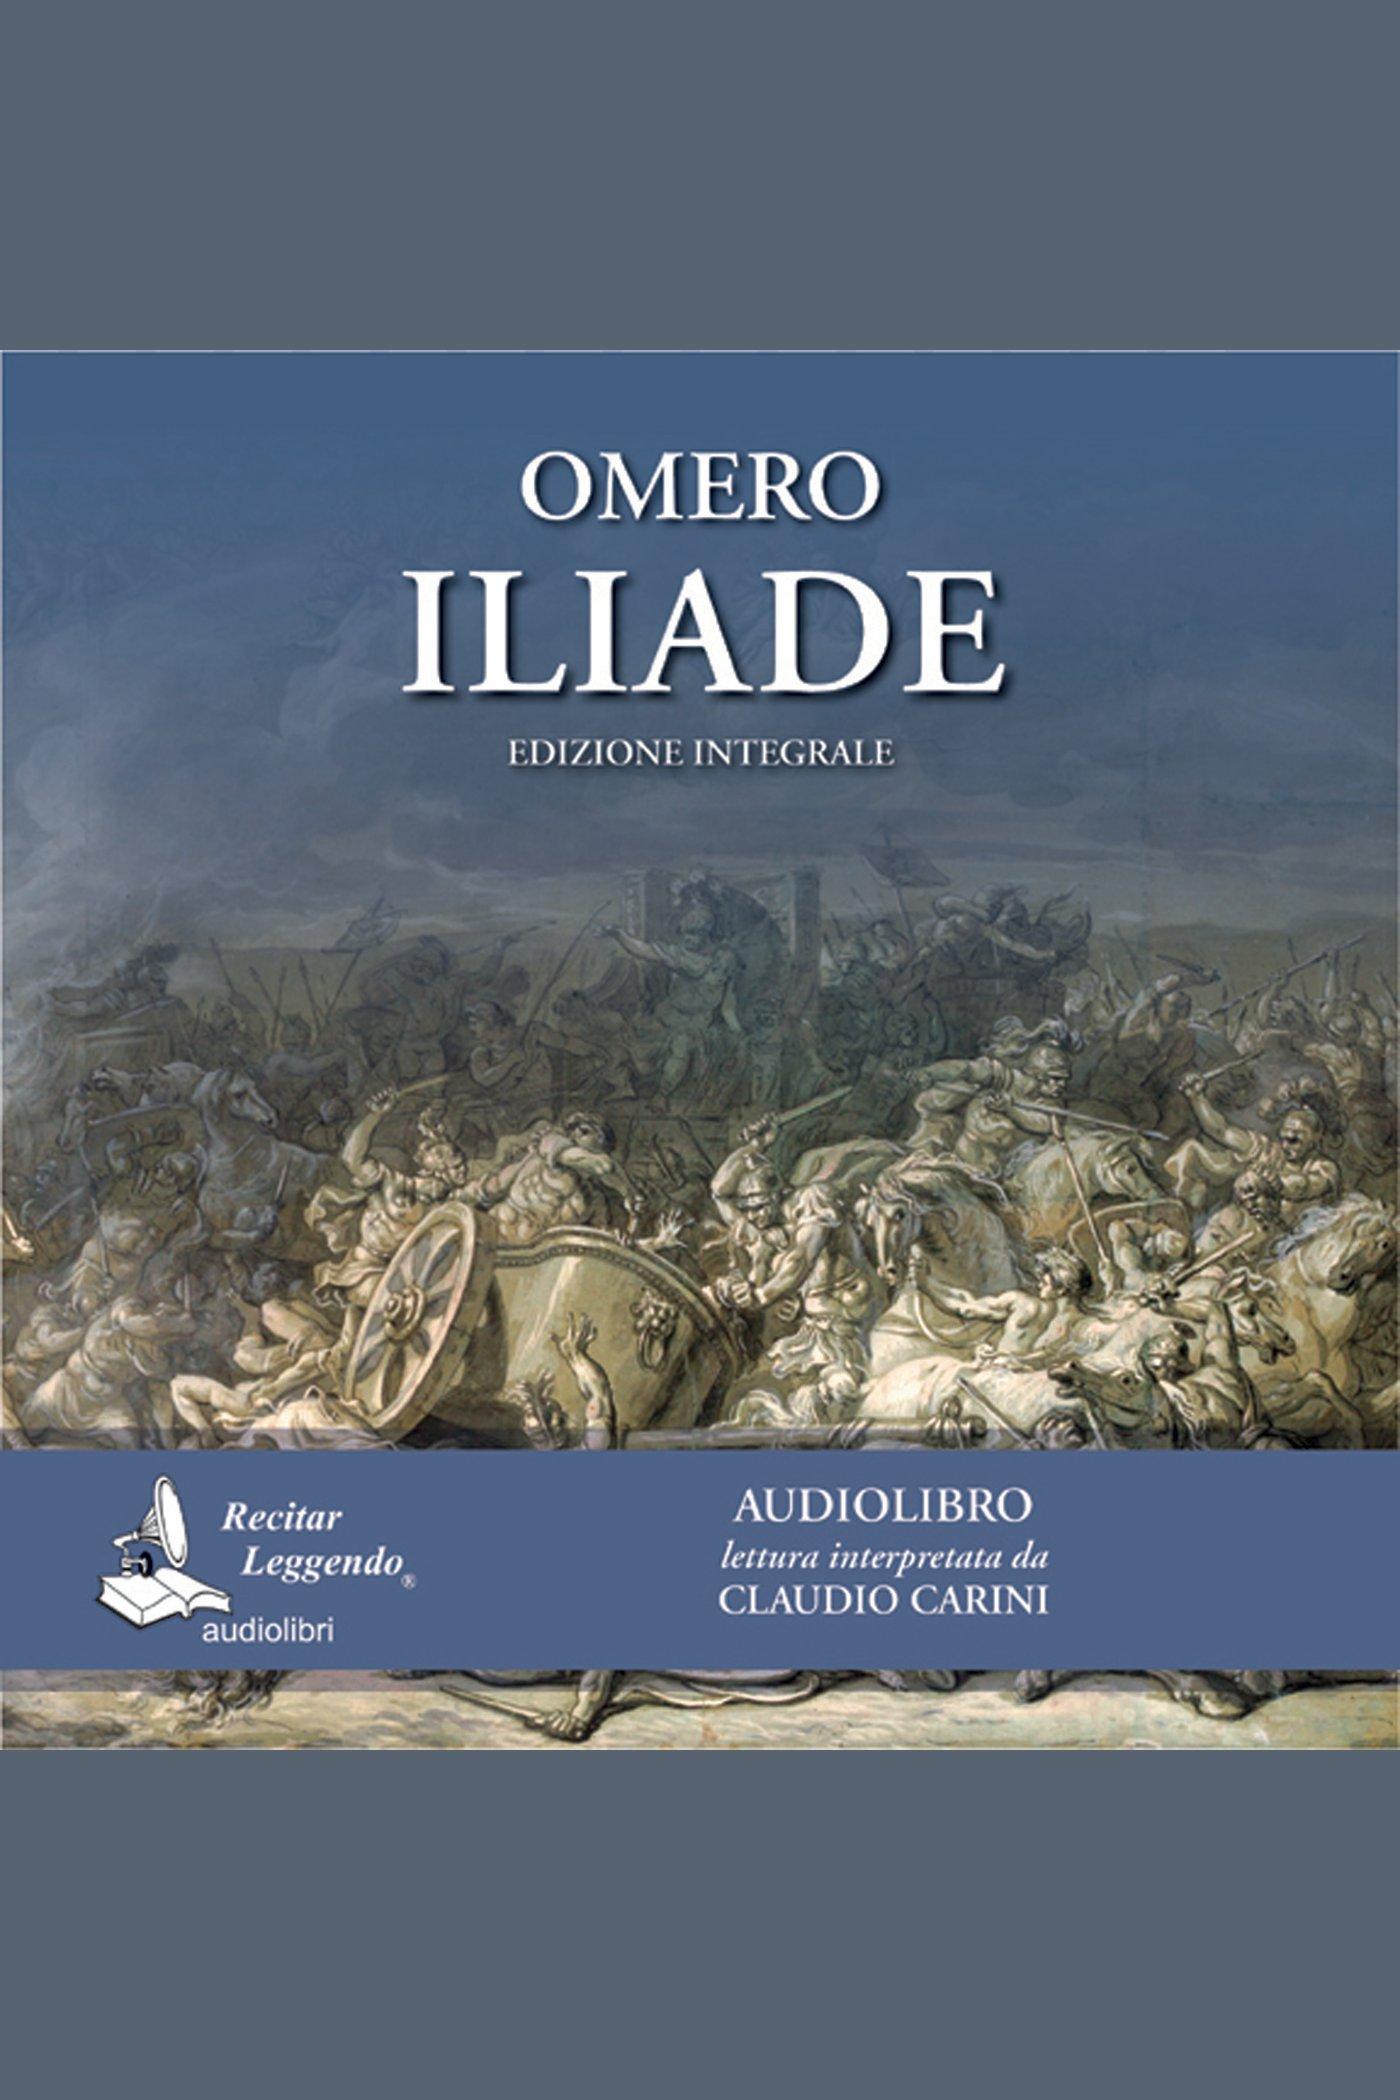 Iliade cover image